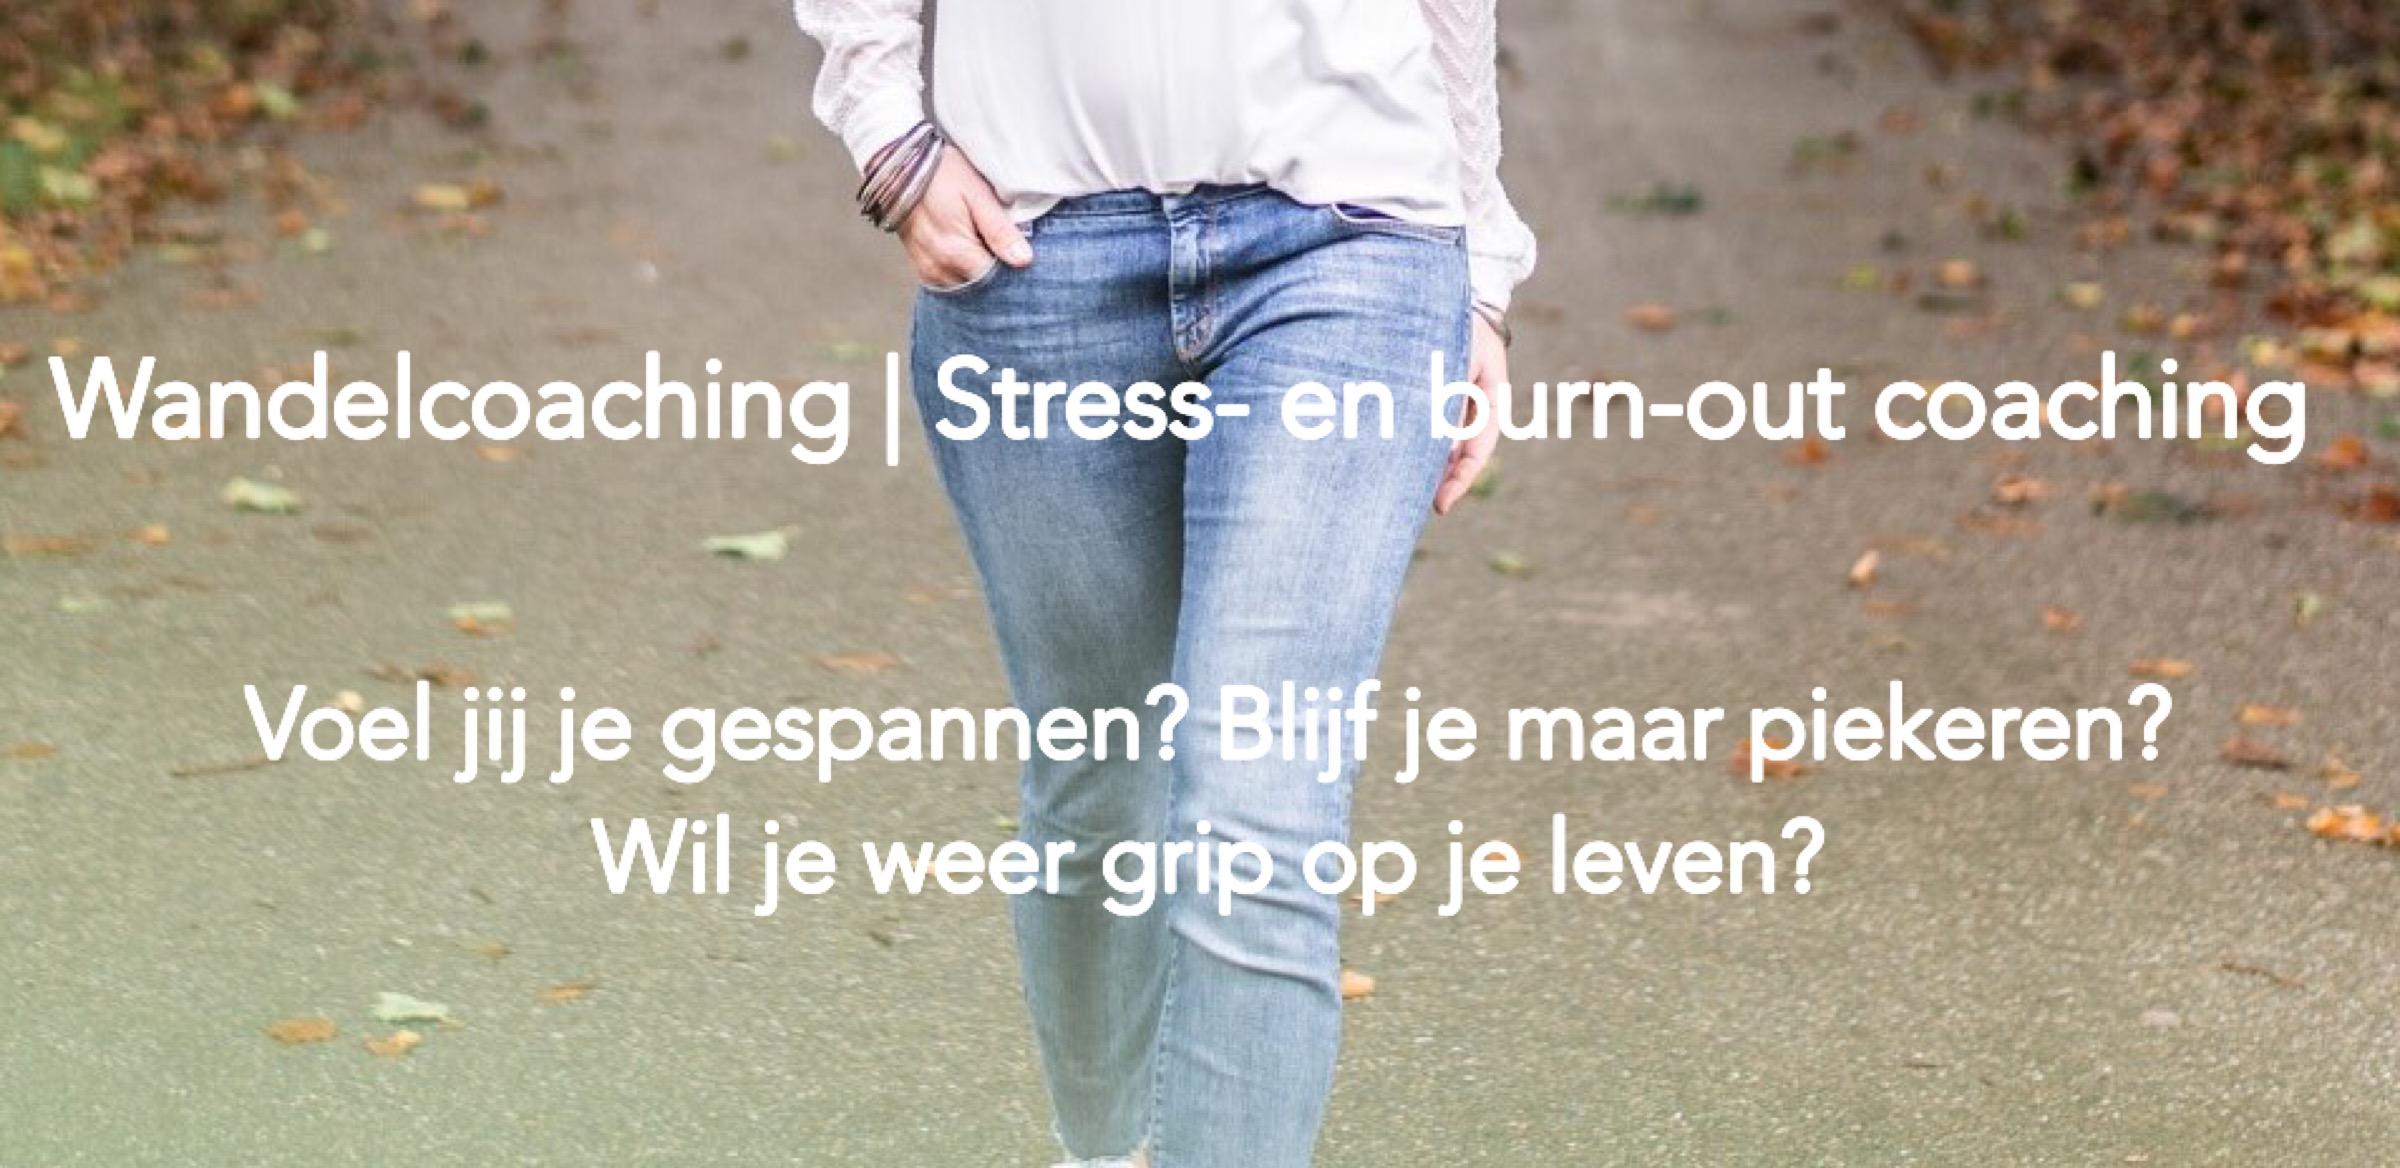 Wandelcoaching | Stress- en burn-out coaching